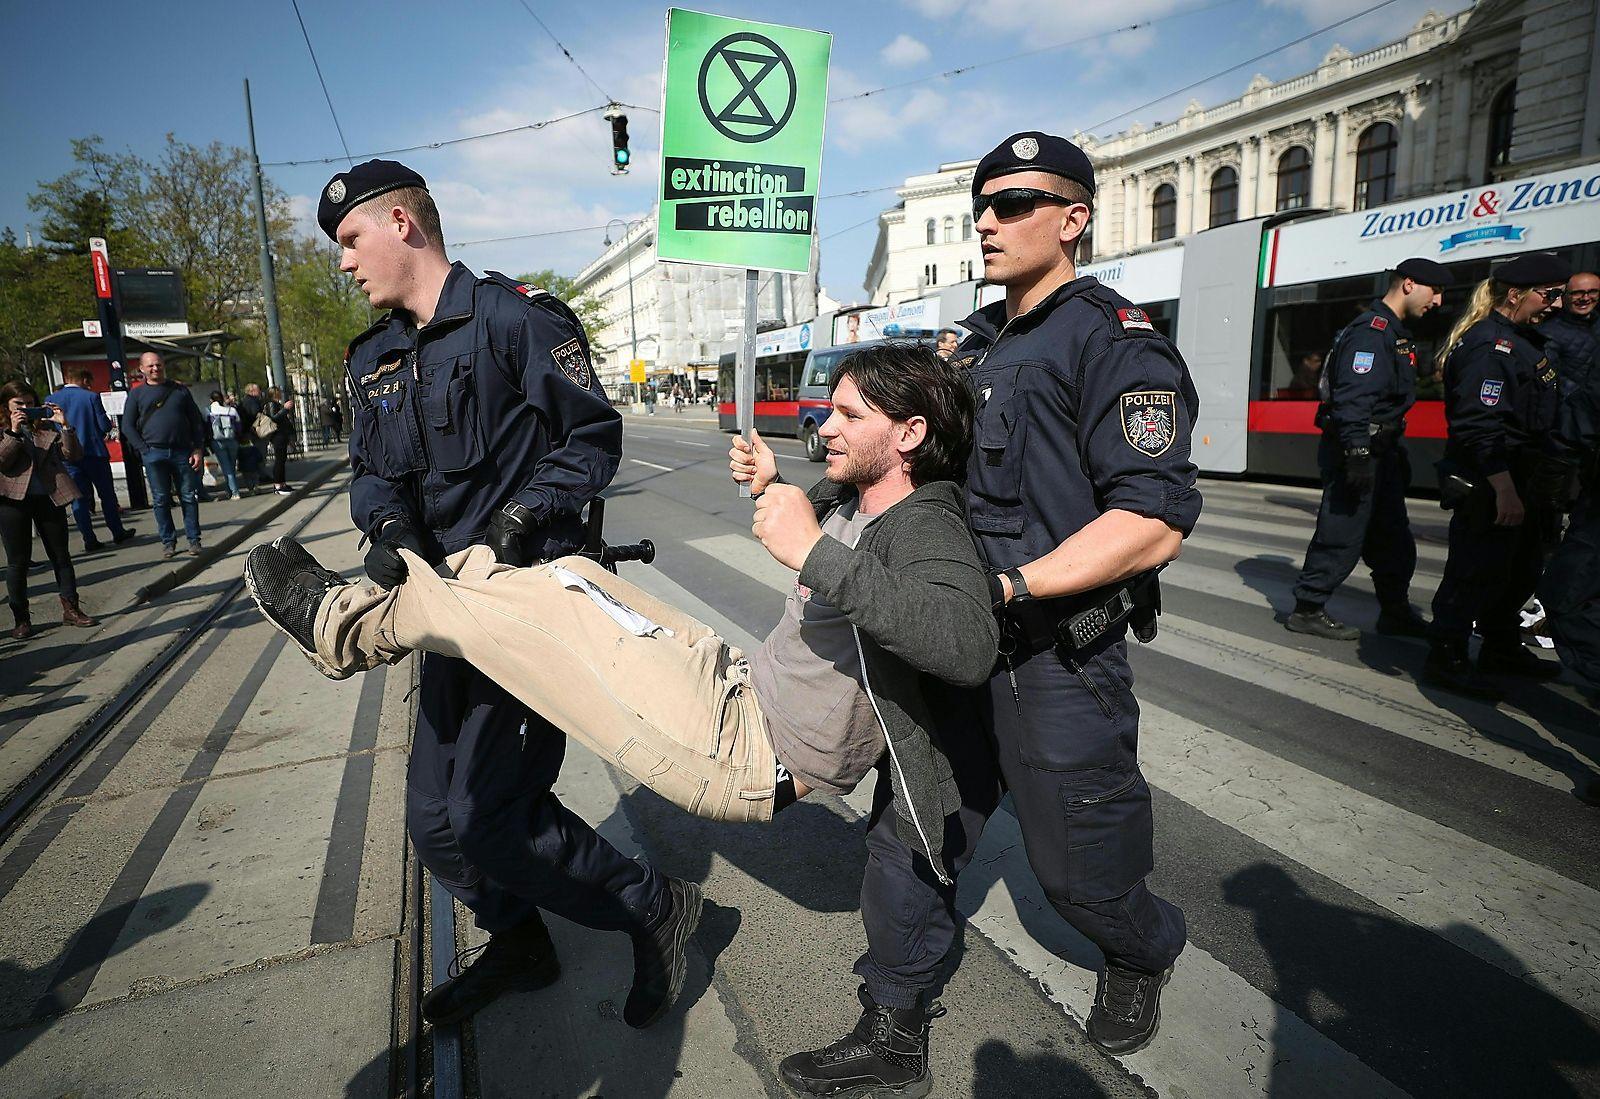 Nach einer Dreiviertelstunde trugen die Polizisten die Demonstranten weg.